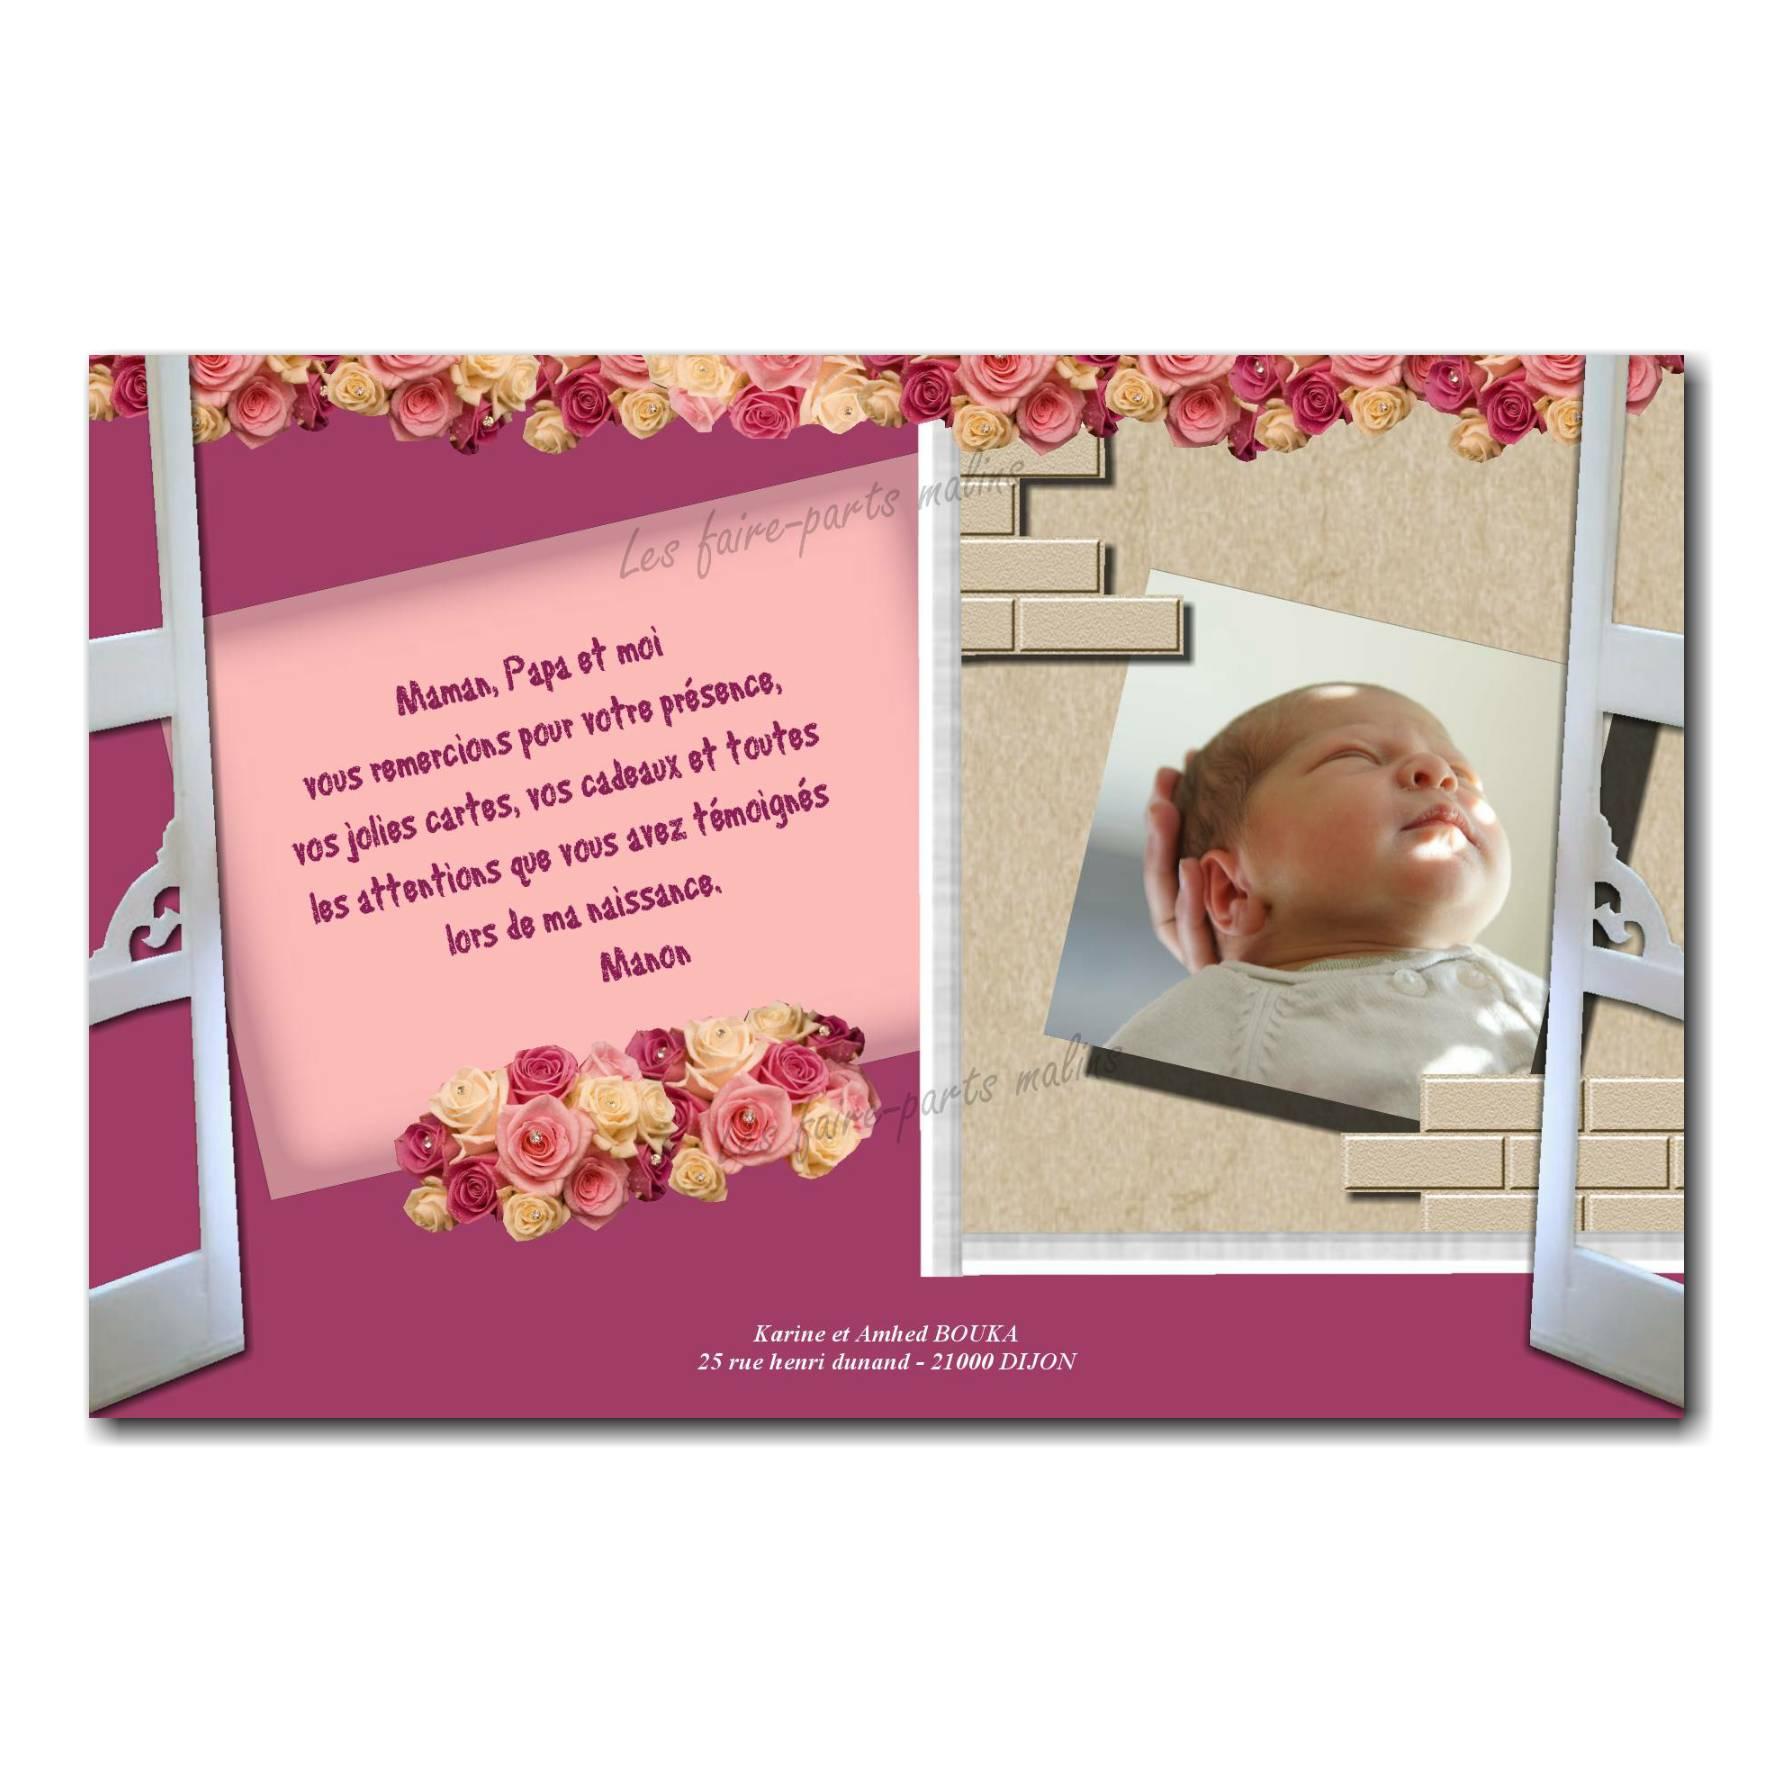 carte de remerciements fenêtre ouverte photo